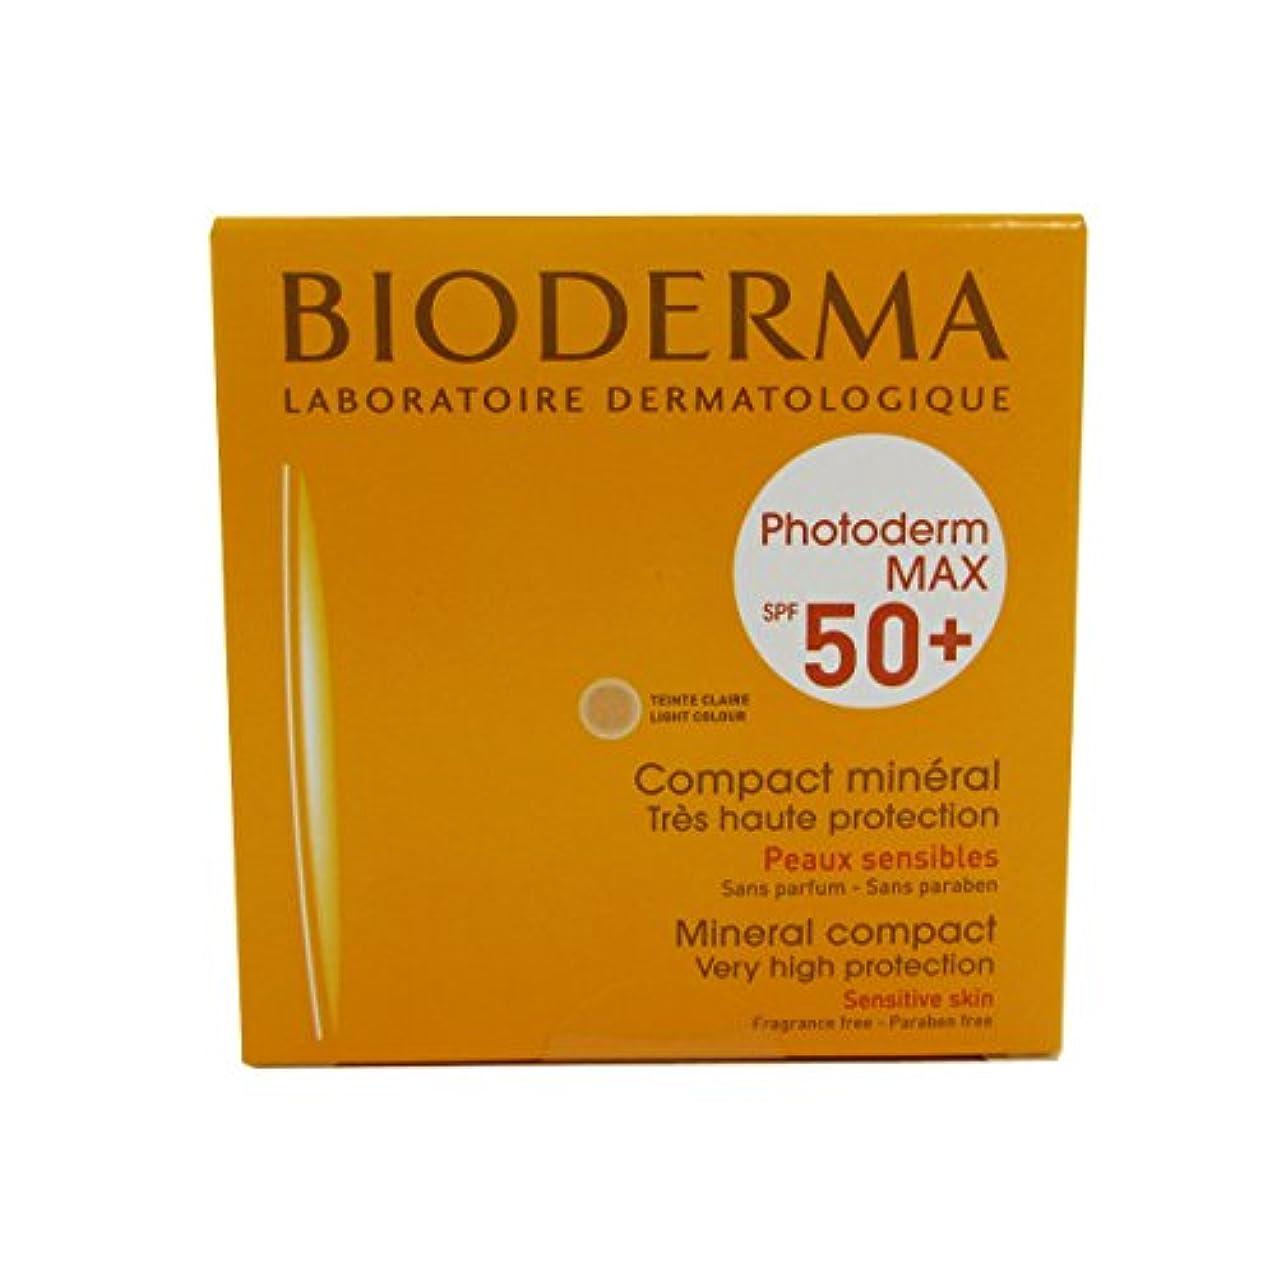 突撃重荷ターミナルBioderma Photoderm Max Compact Mineral 50+ Light 10g [並行輸入品]